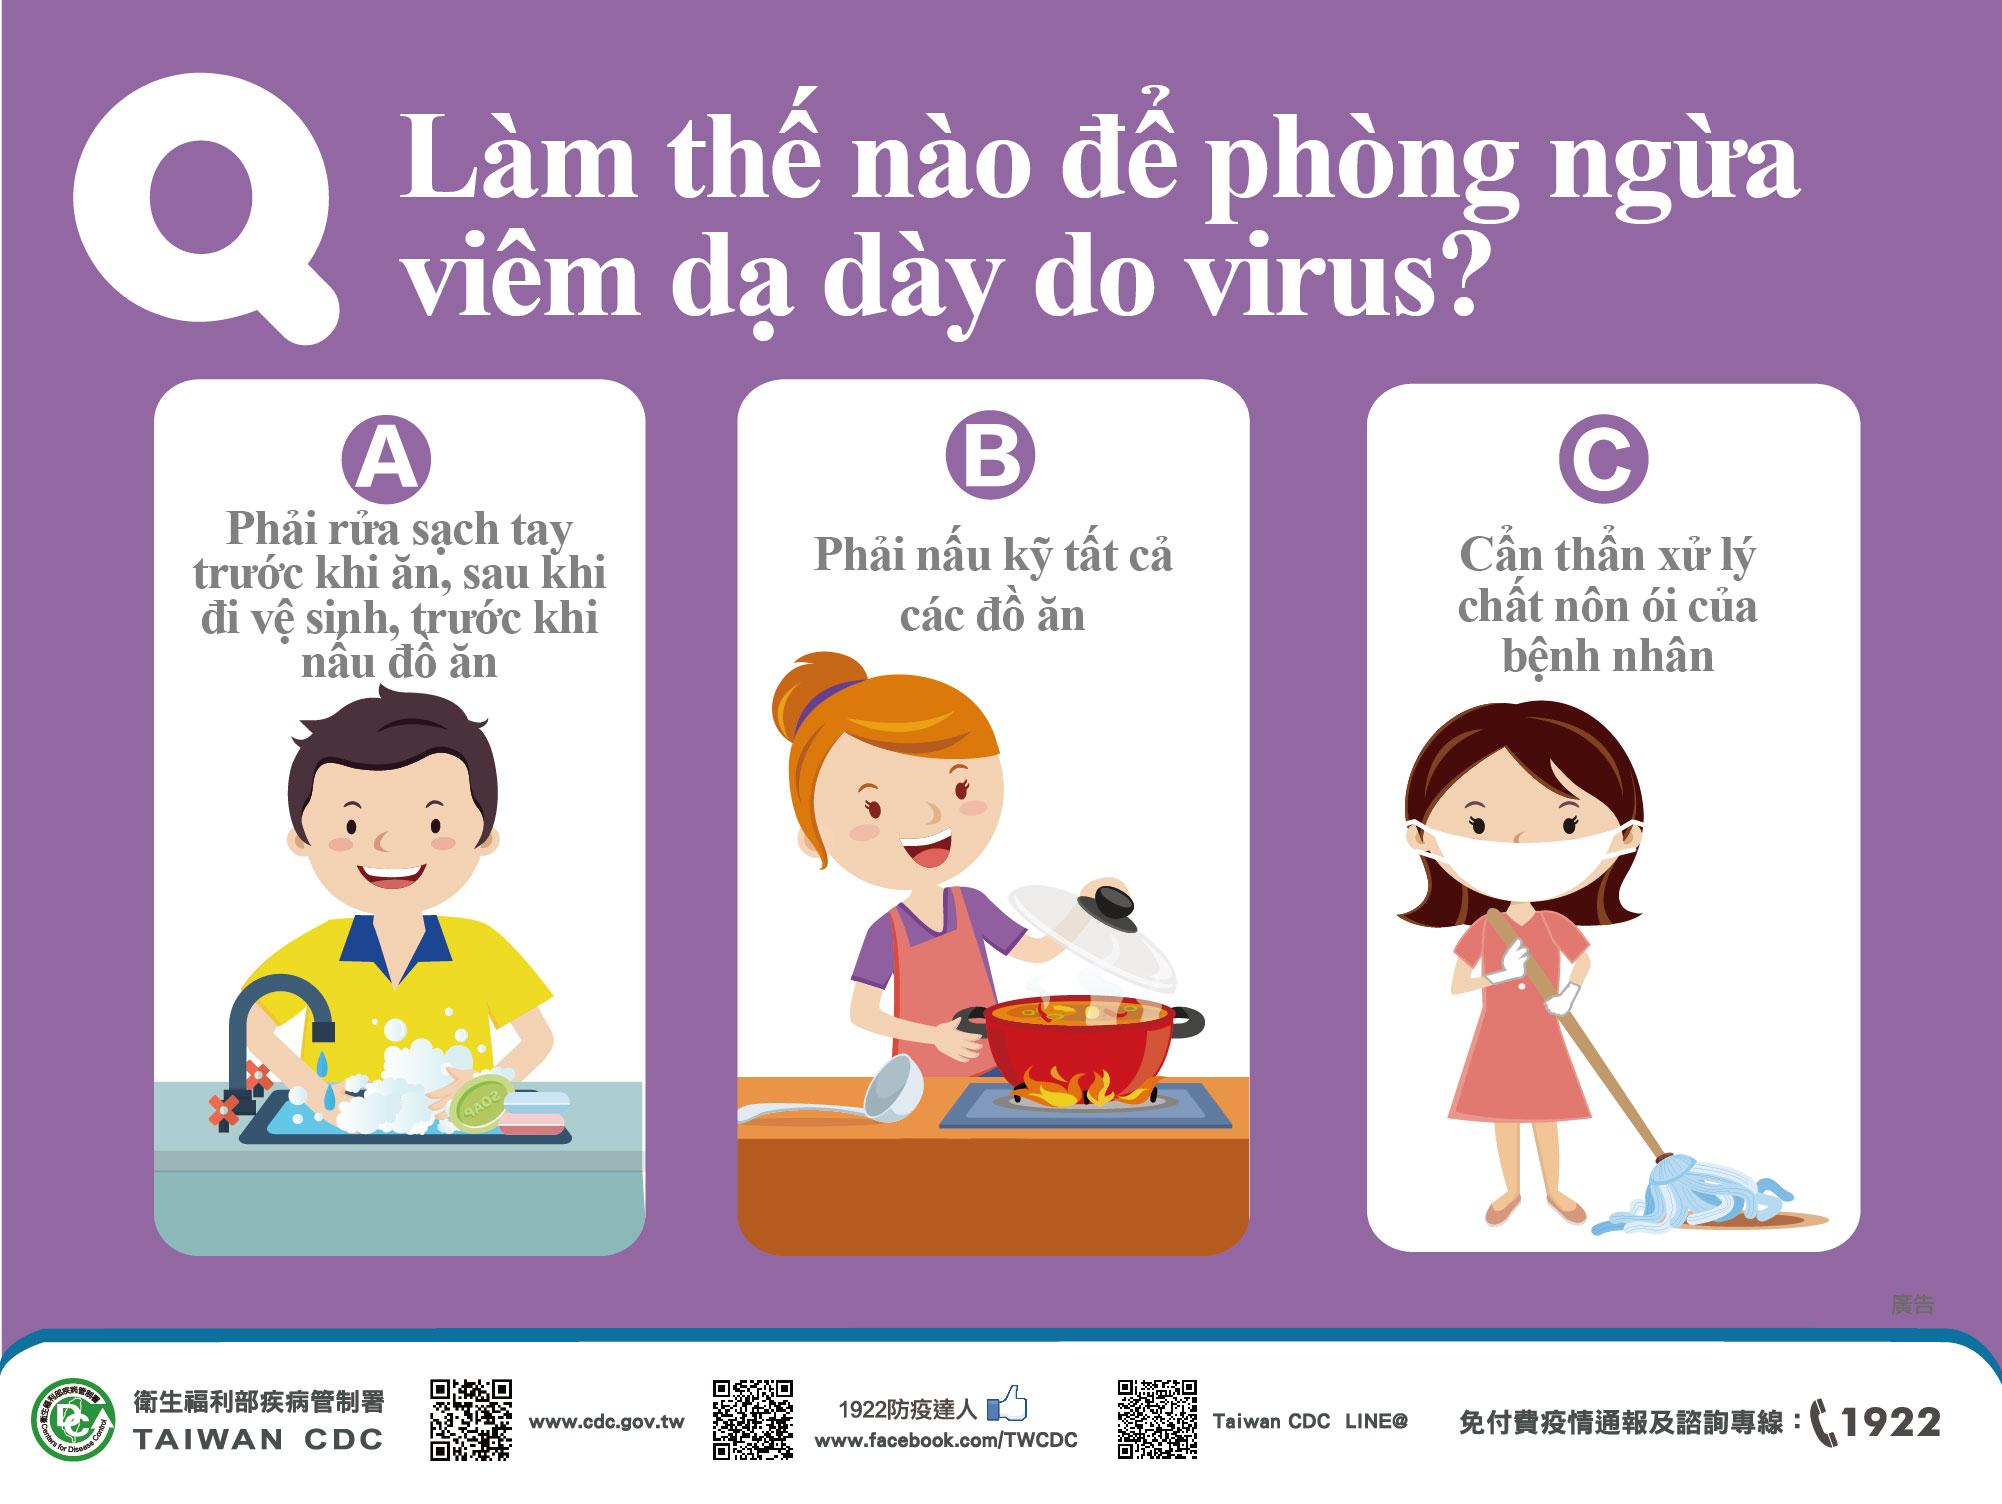 詳如附件【nhấp vào đây】Q:Làm thế nào để phòng ngừa viêm dạ dày do virus?如何預防病毒性腸胃炎(越文)